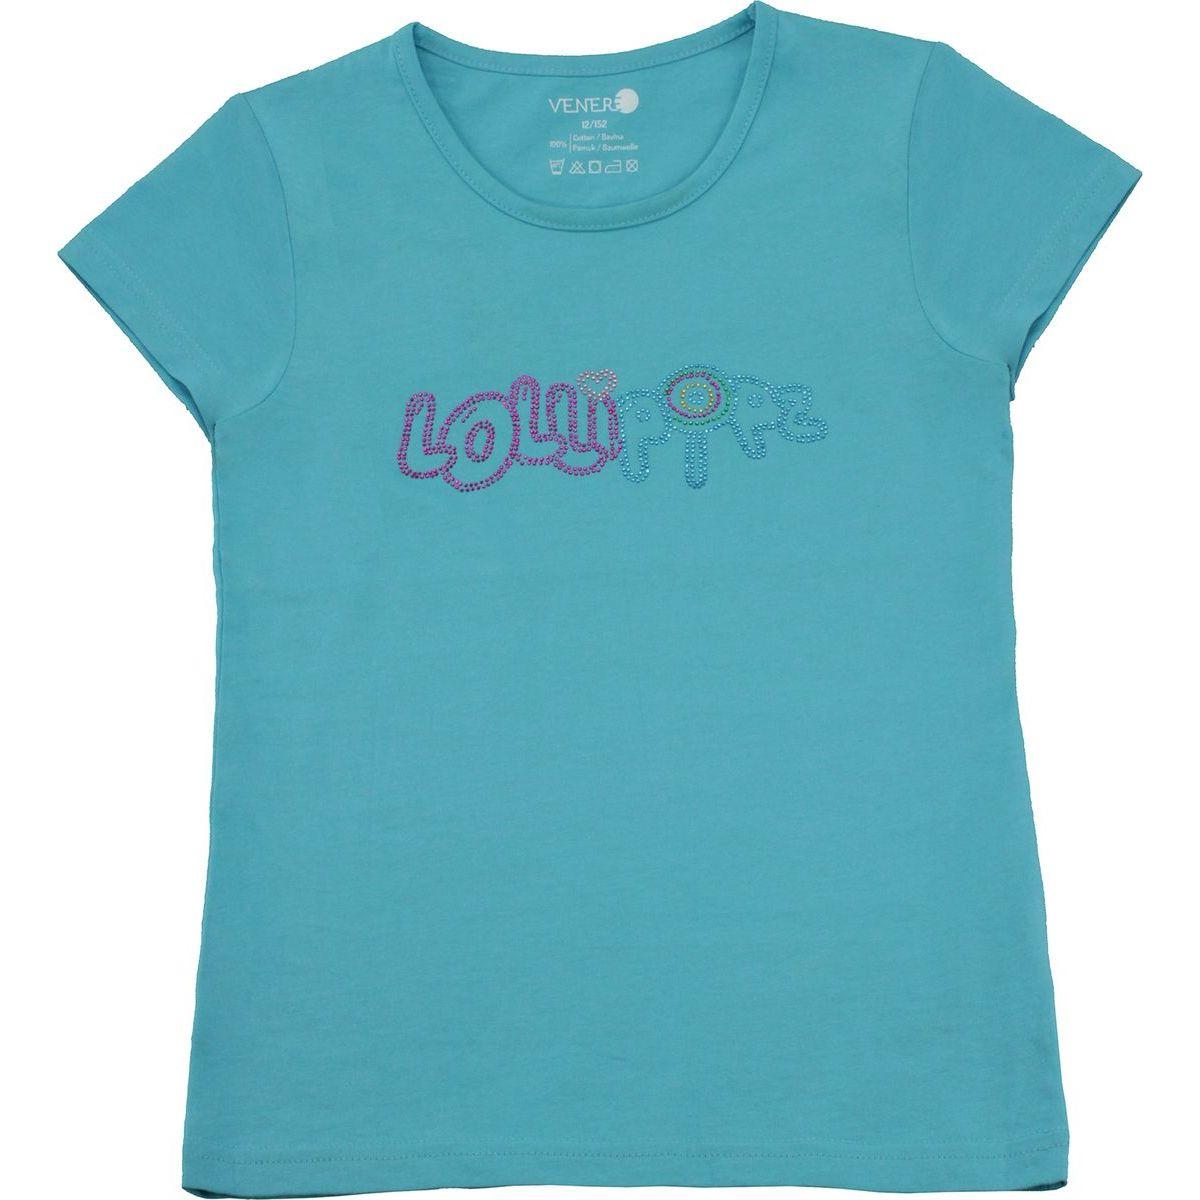 Tričko Lollipopz s kamínkovou aplikací modré, velikost 140 cm (10 let)